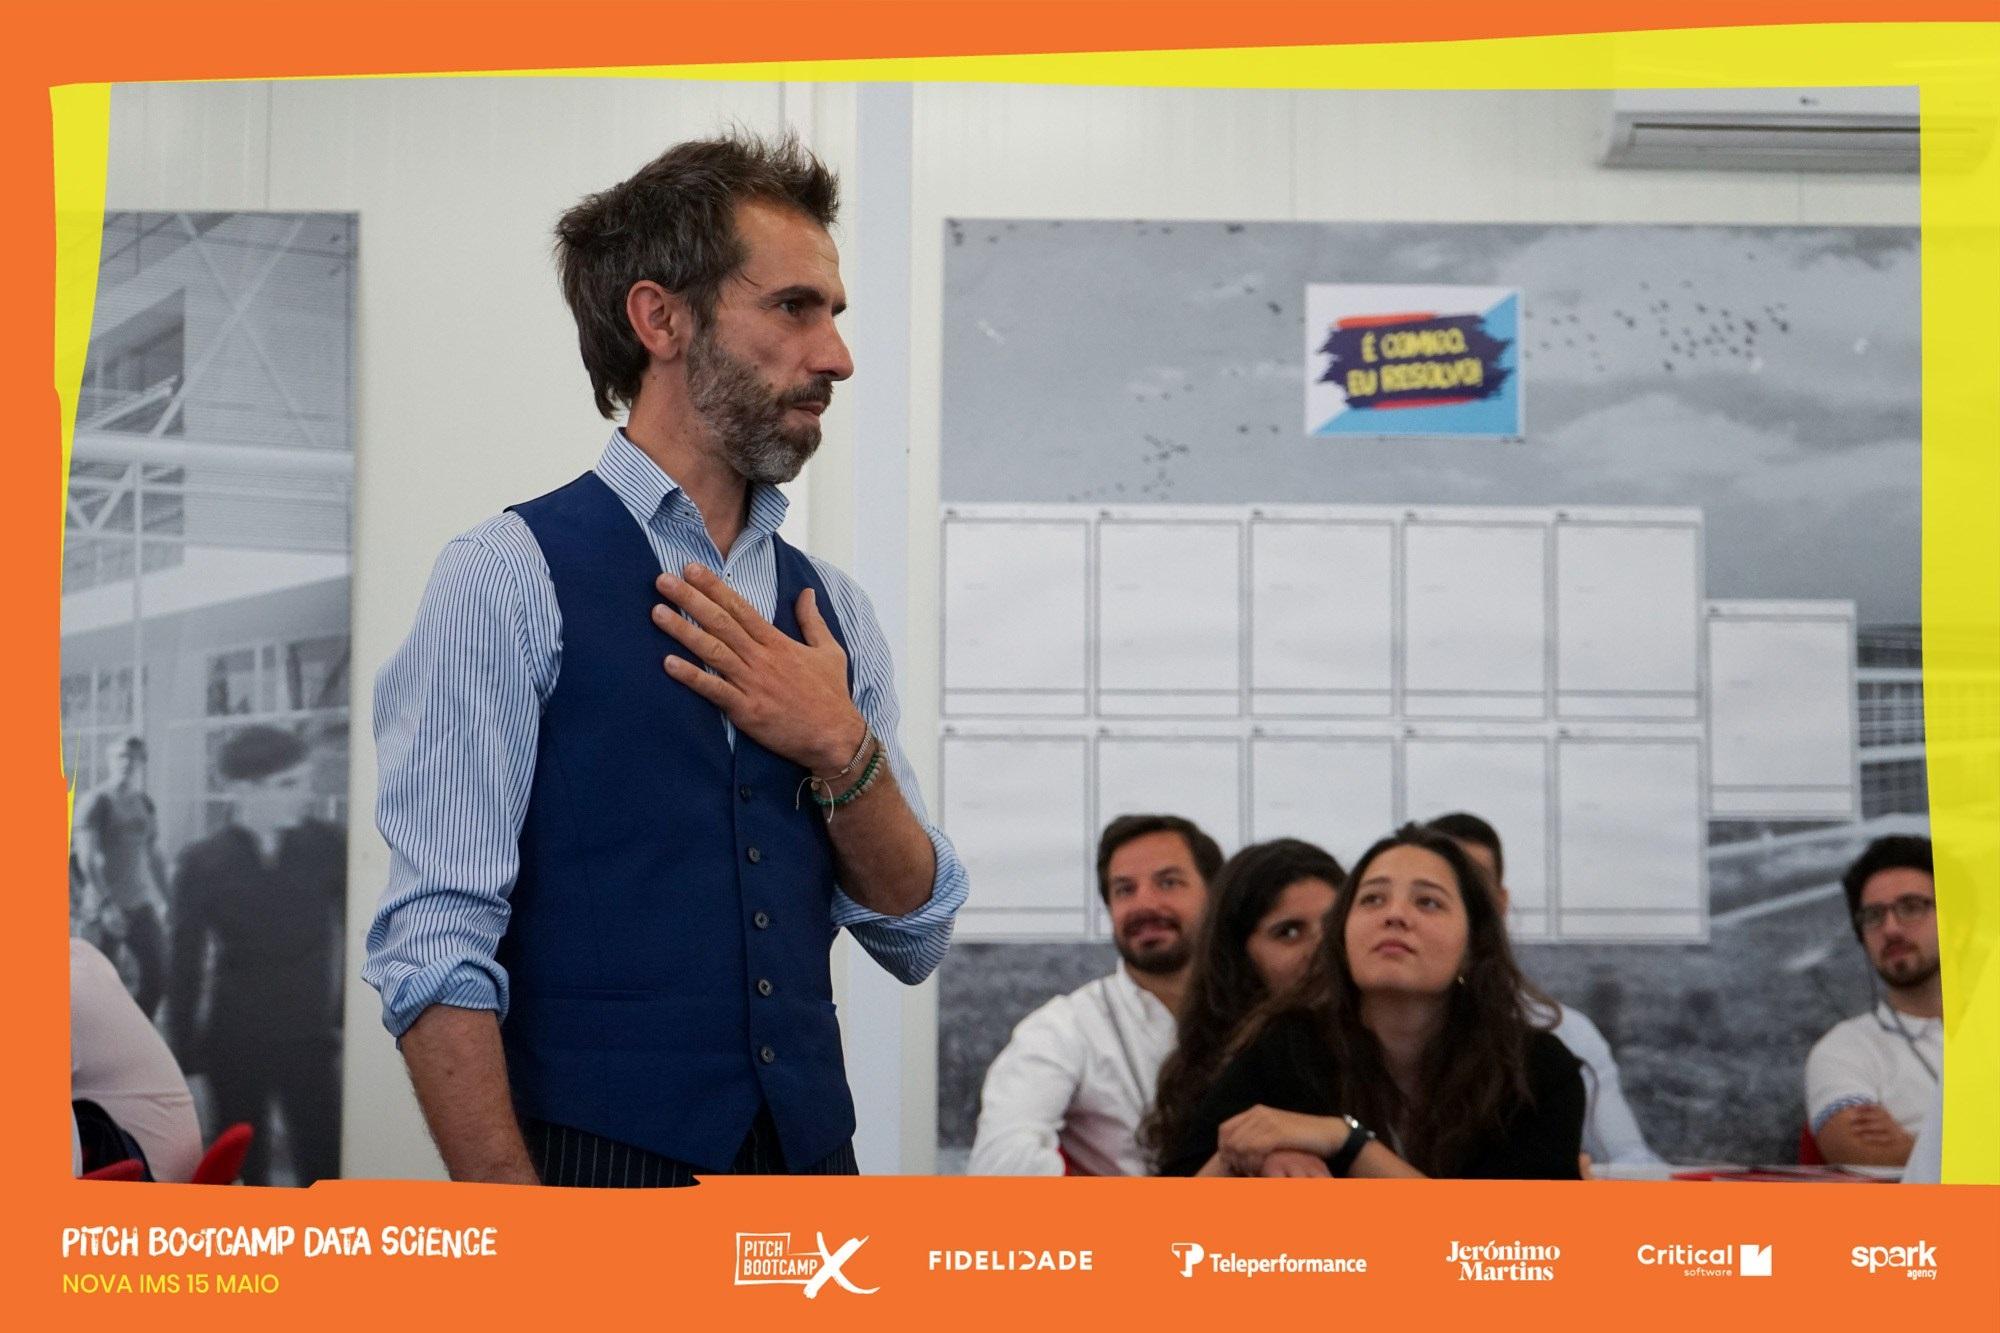 Miguel Gonçalves @ Pitch Bootcamp Lisbon